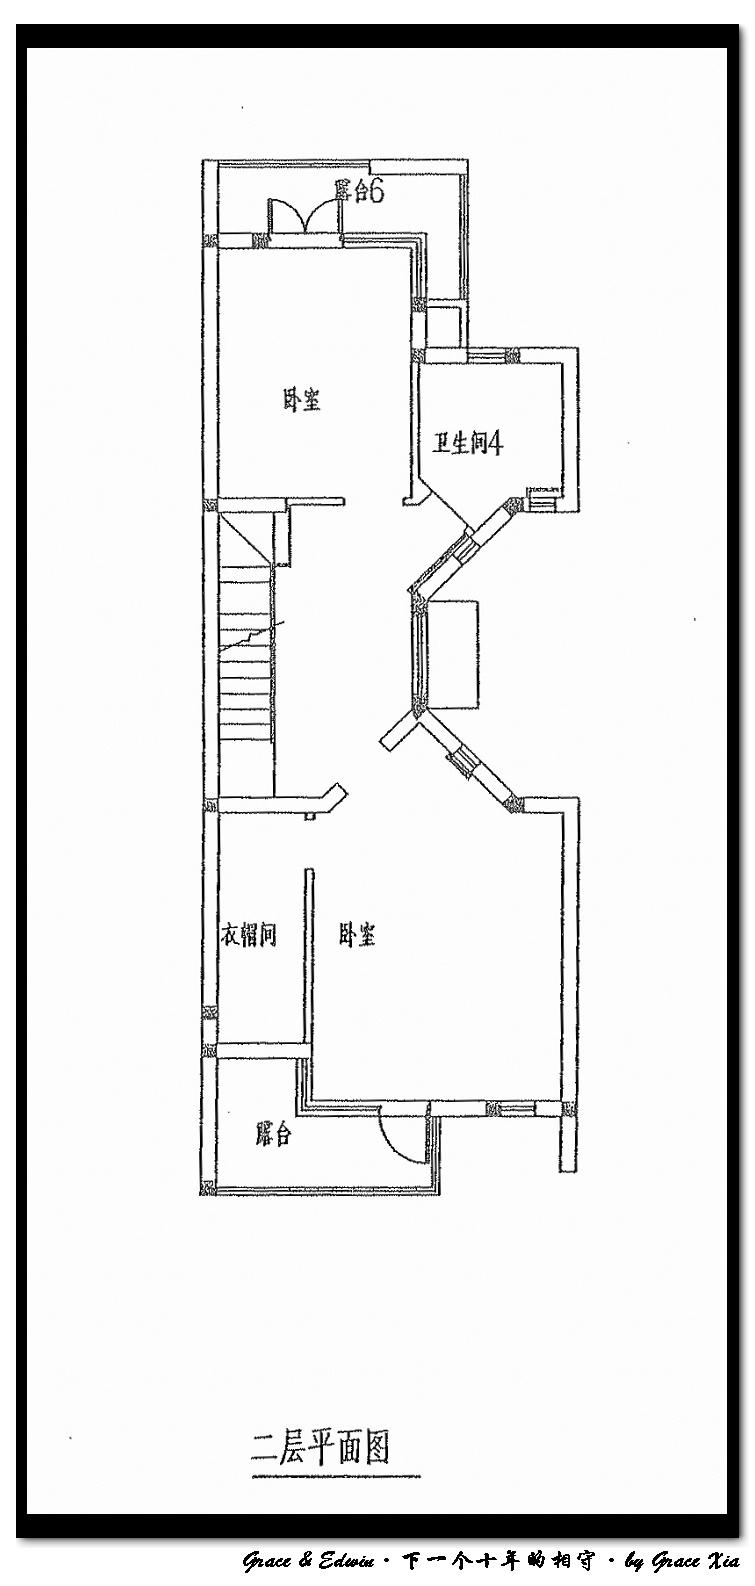 楼房室内接线图